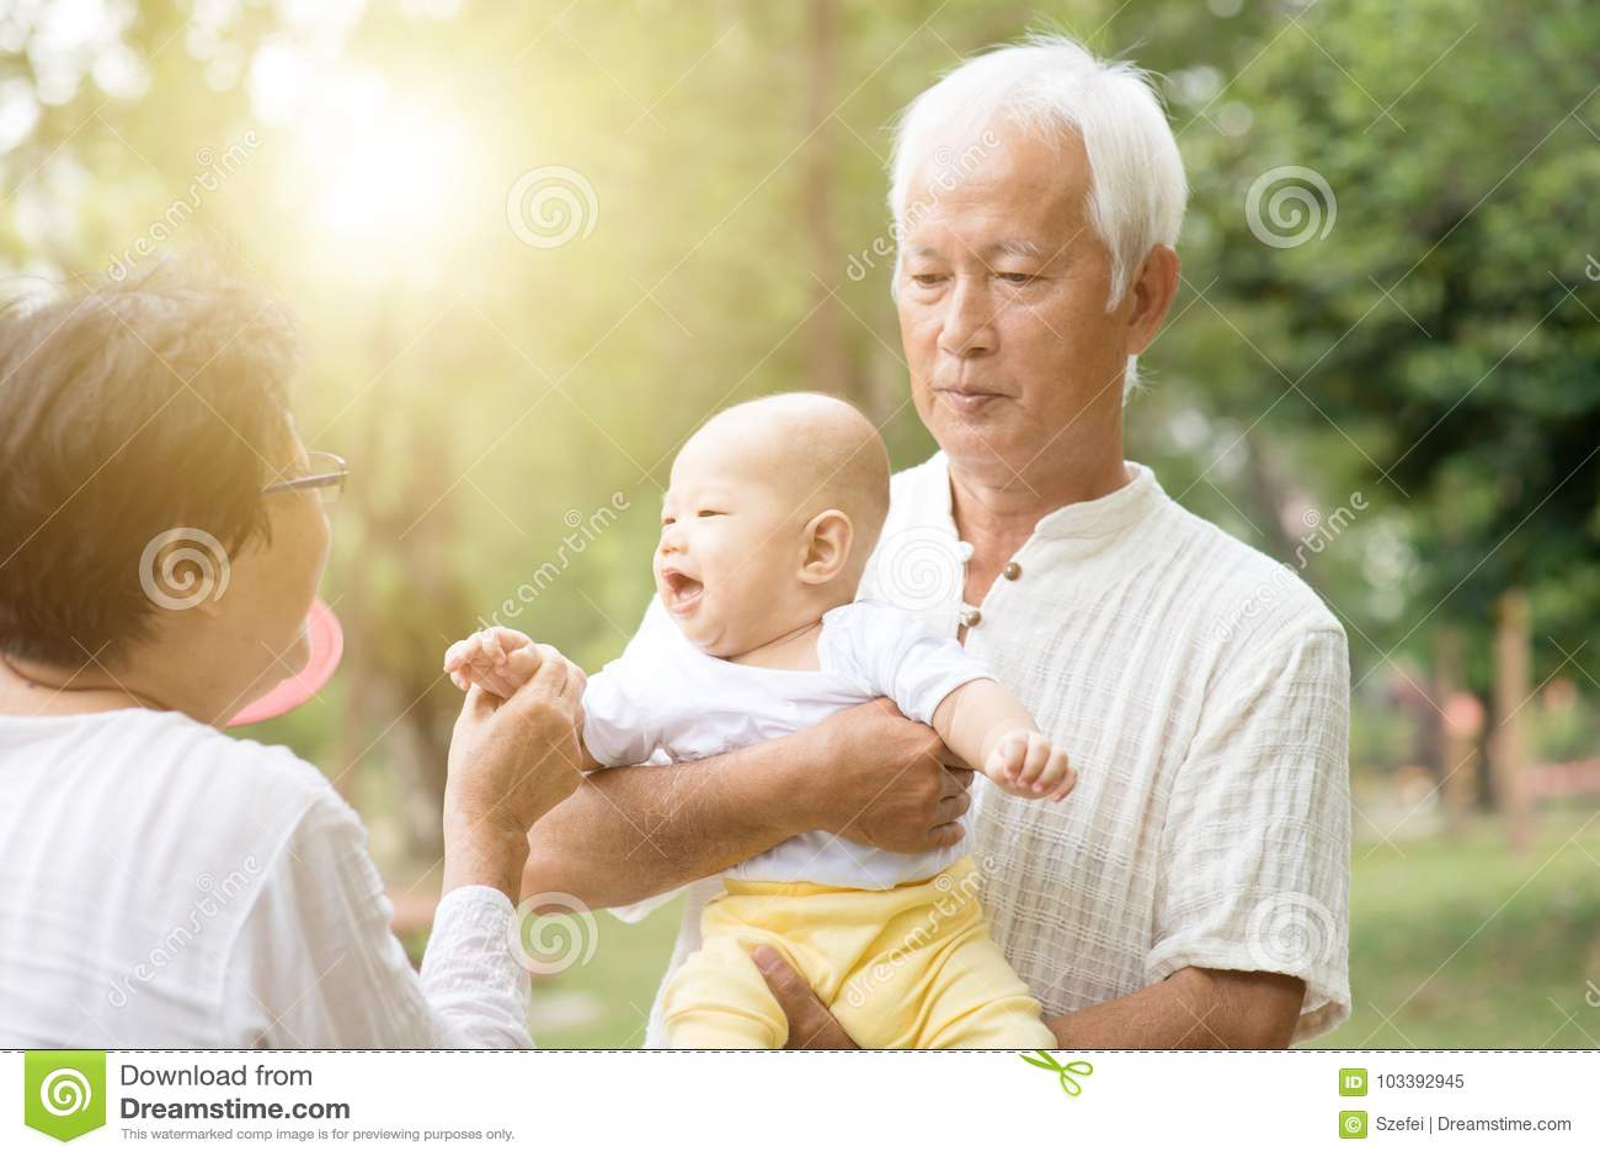 Morföräldrar som spelar med barnbarnet utomhus